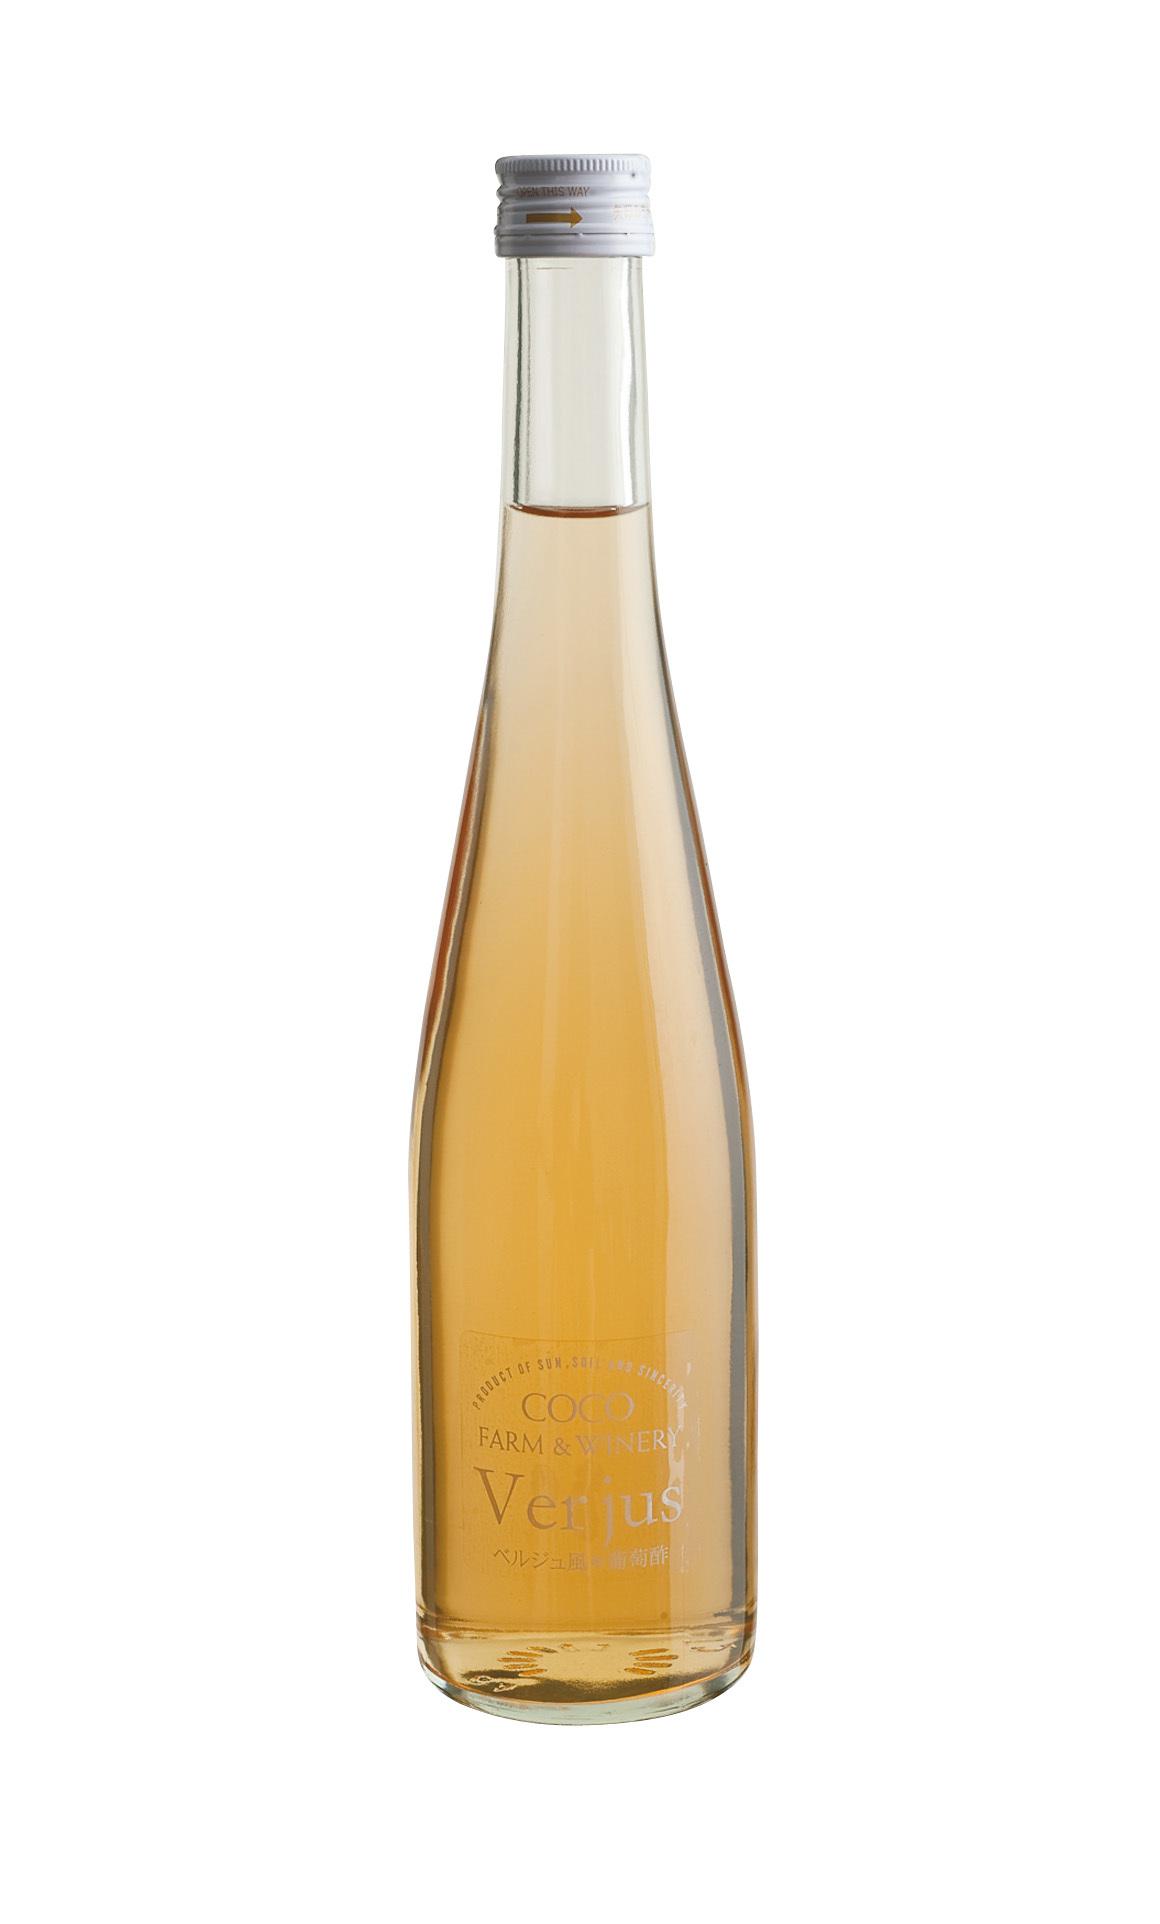 若々しいぶどうの味を堪能 ココ・ファーム・ワイナリーの「ベルジュ風*葡萄酢」_1_1